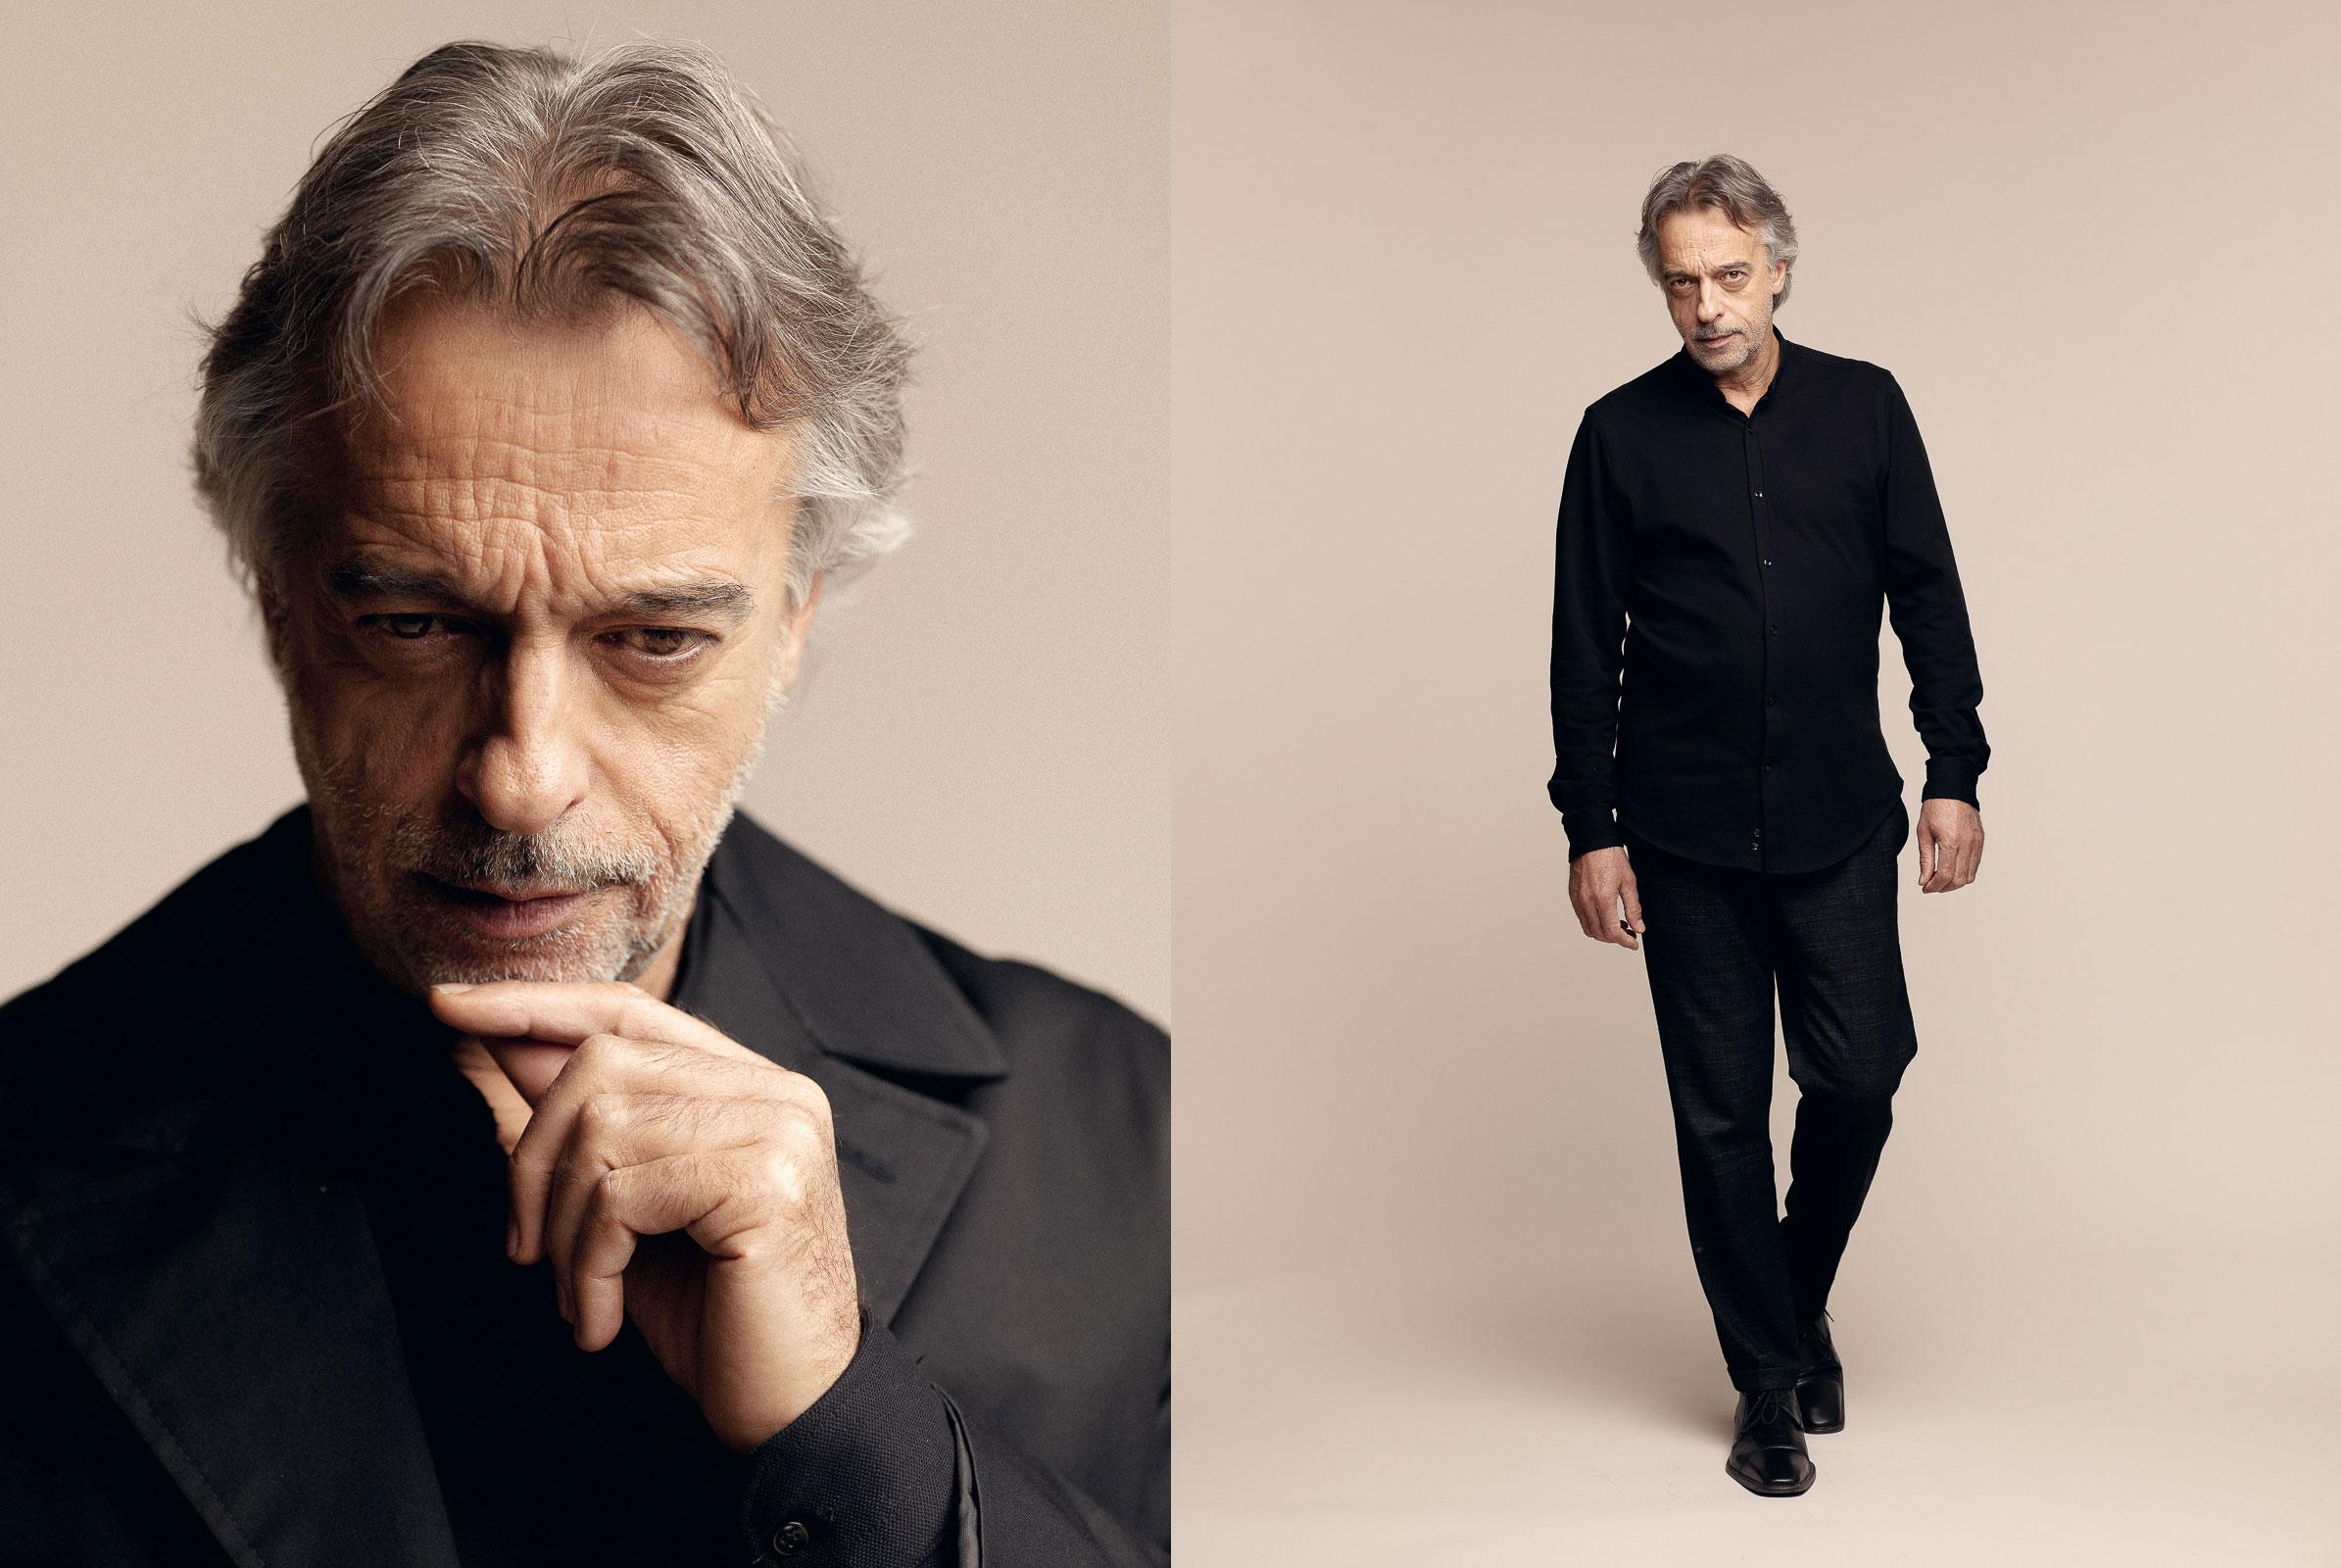 El actor Agustín Ustárroz. Madrid, 2018. Representado por Olga Lorente.